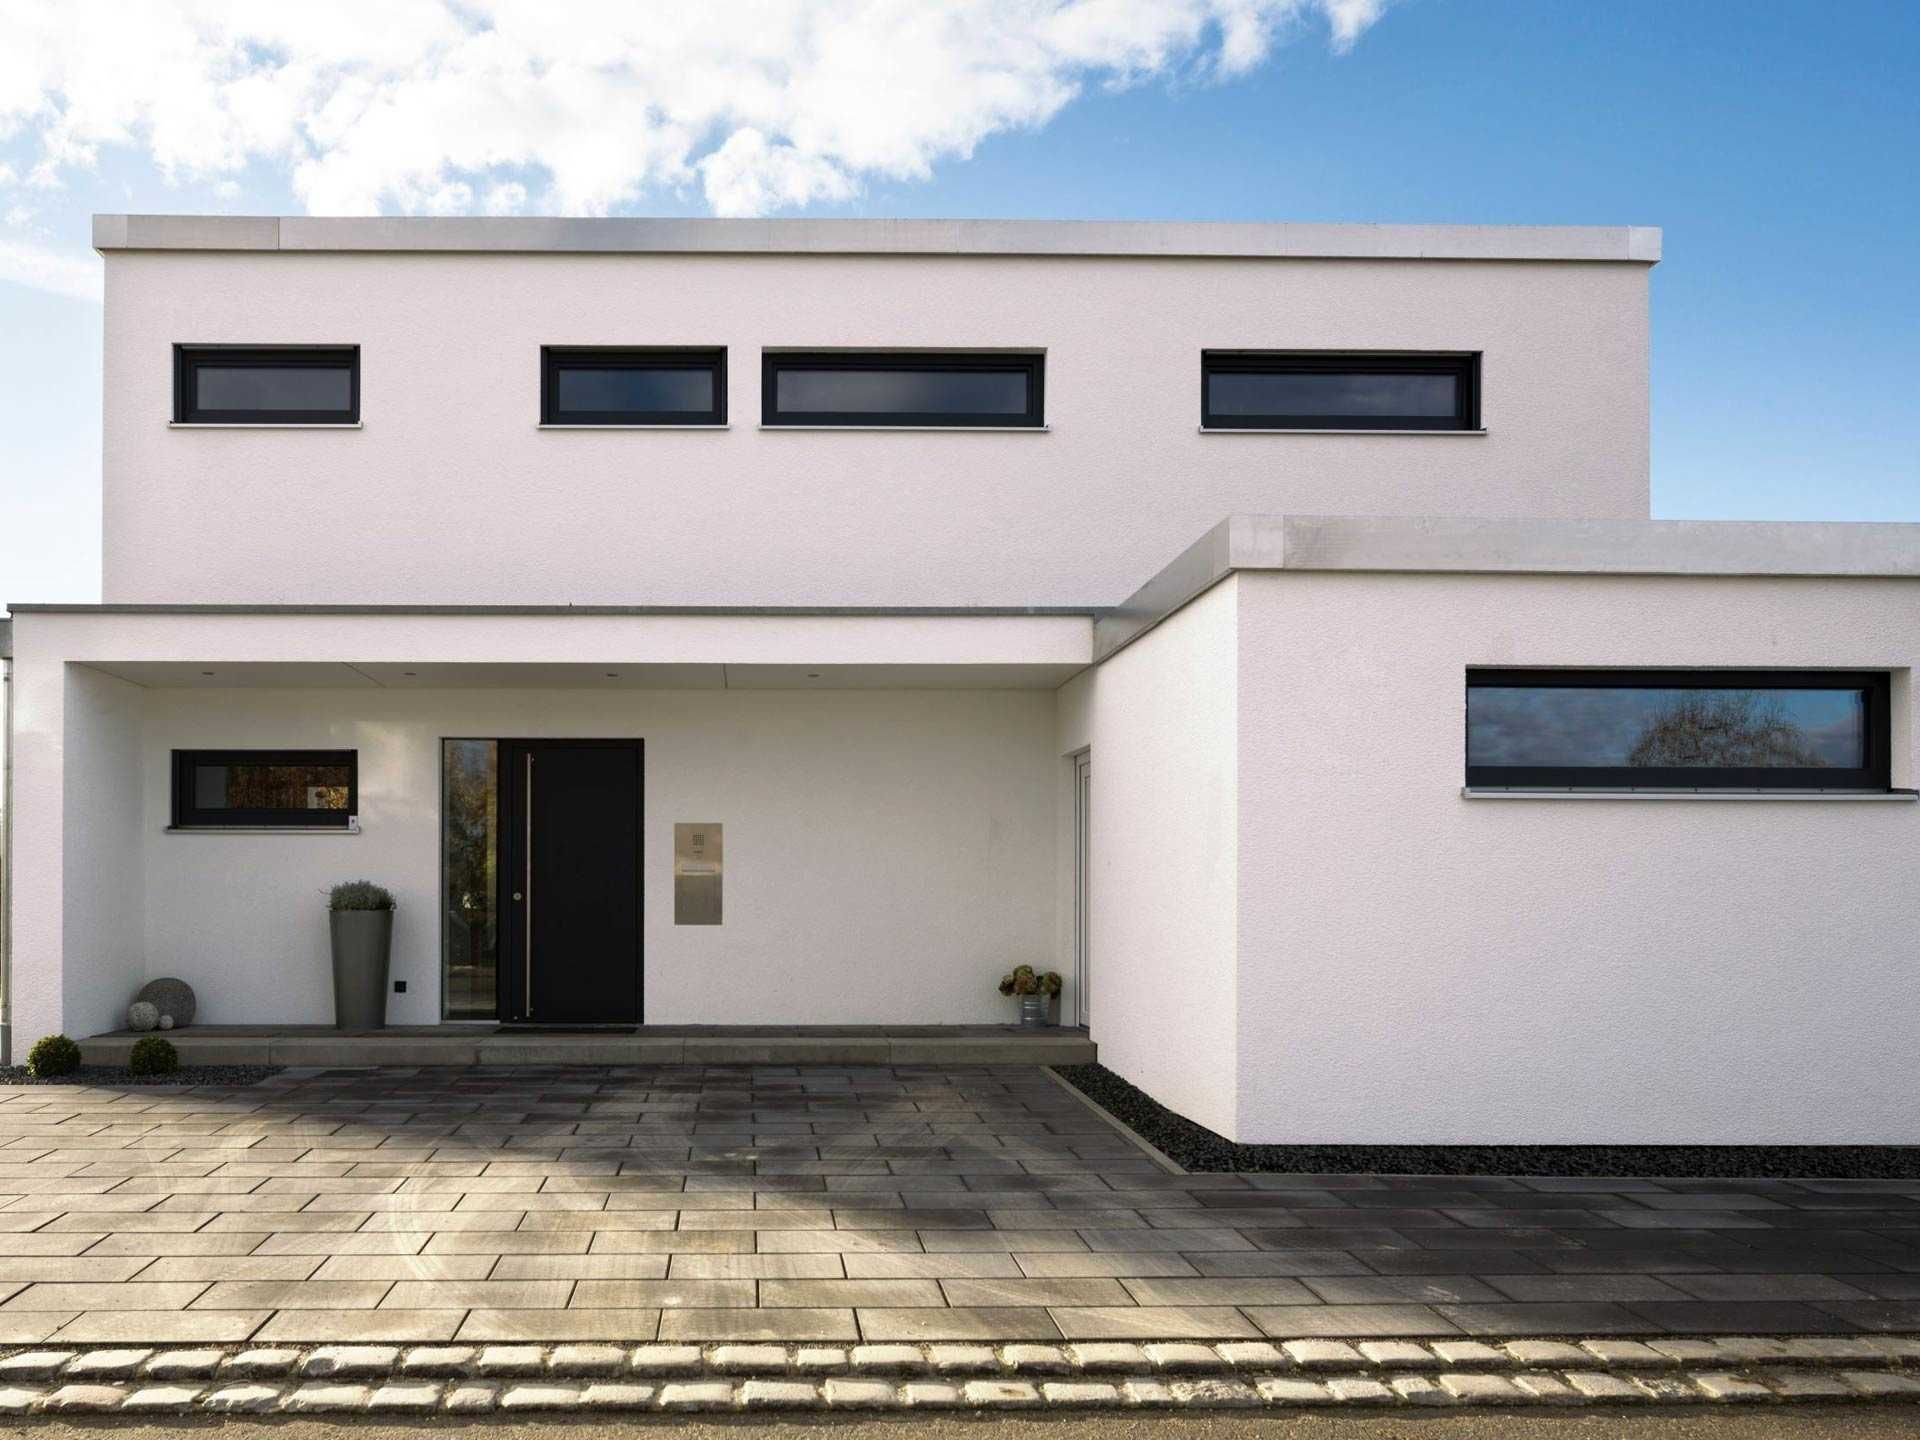 Kubus Haus Ulm Regnauer Hausbau Outdoor decor, Bauhaus